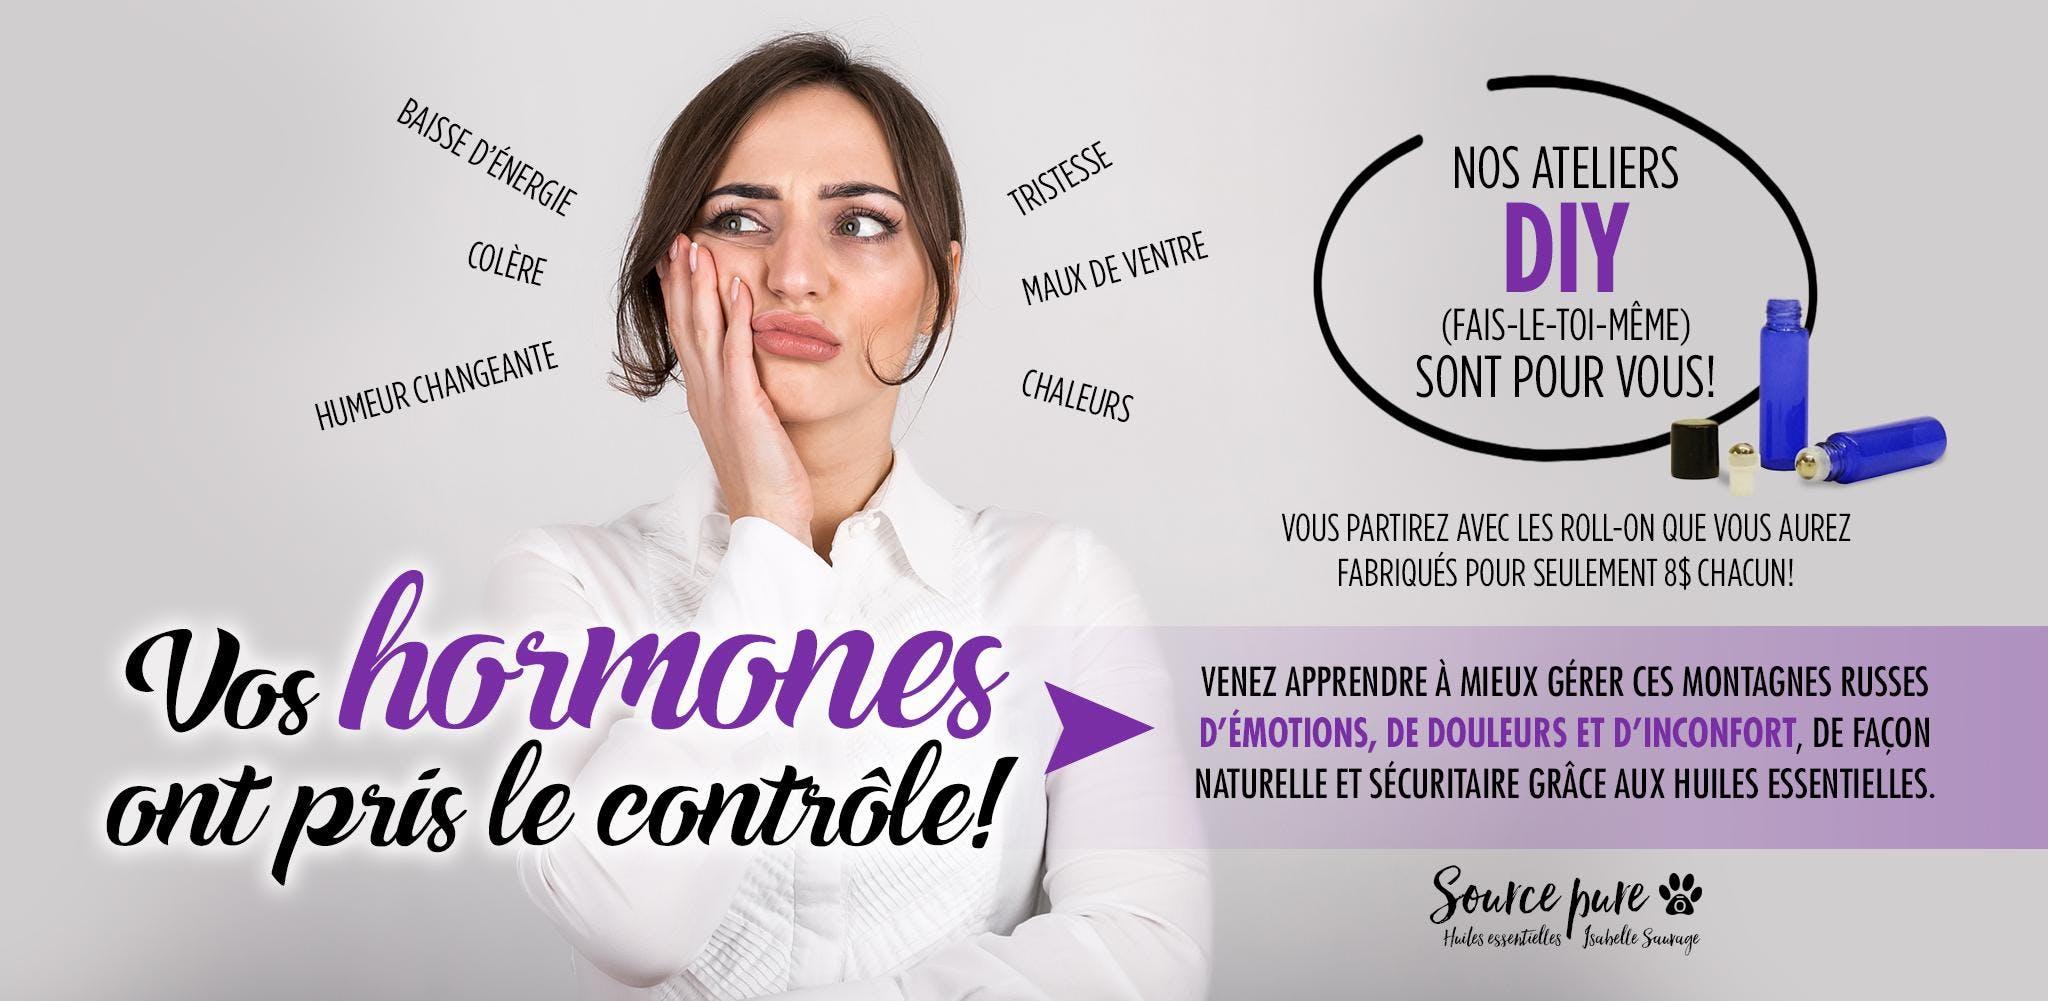 Reprenez le contrôle sur vos hormones!